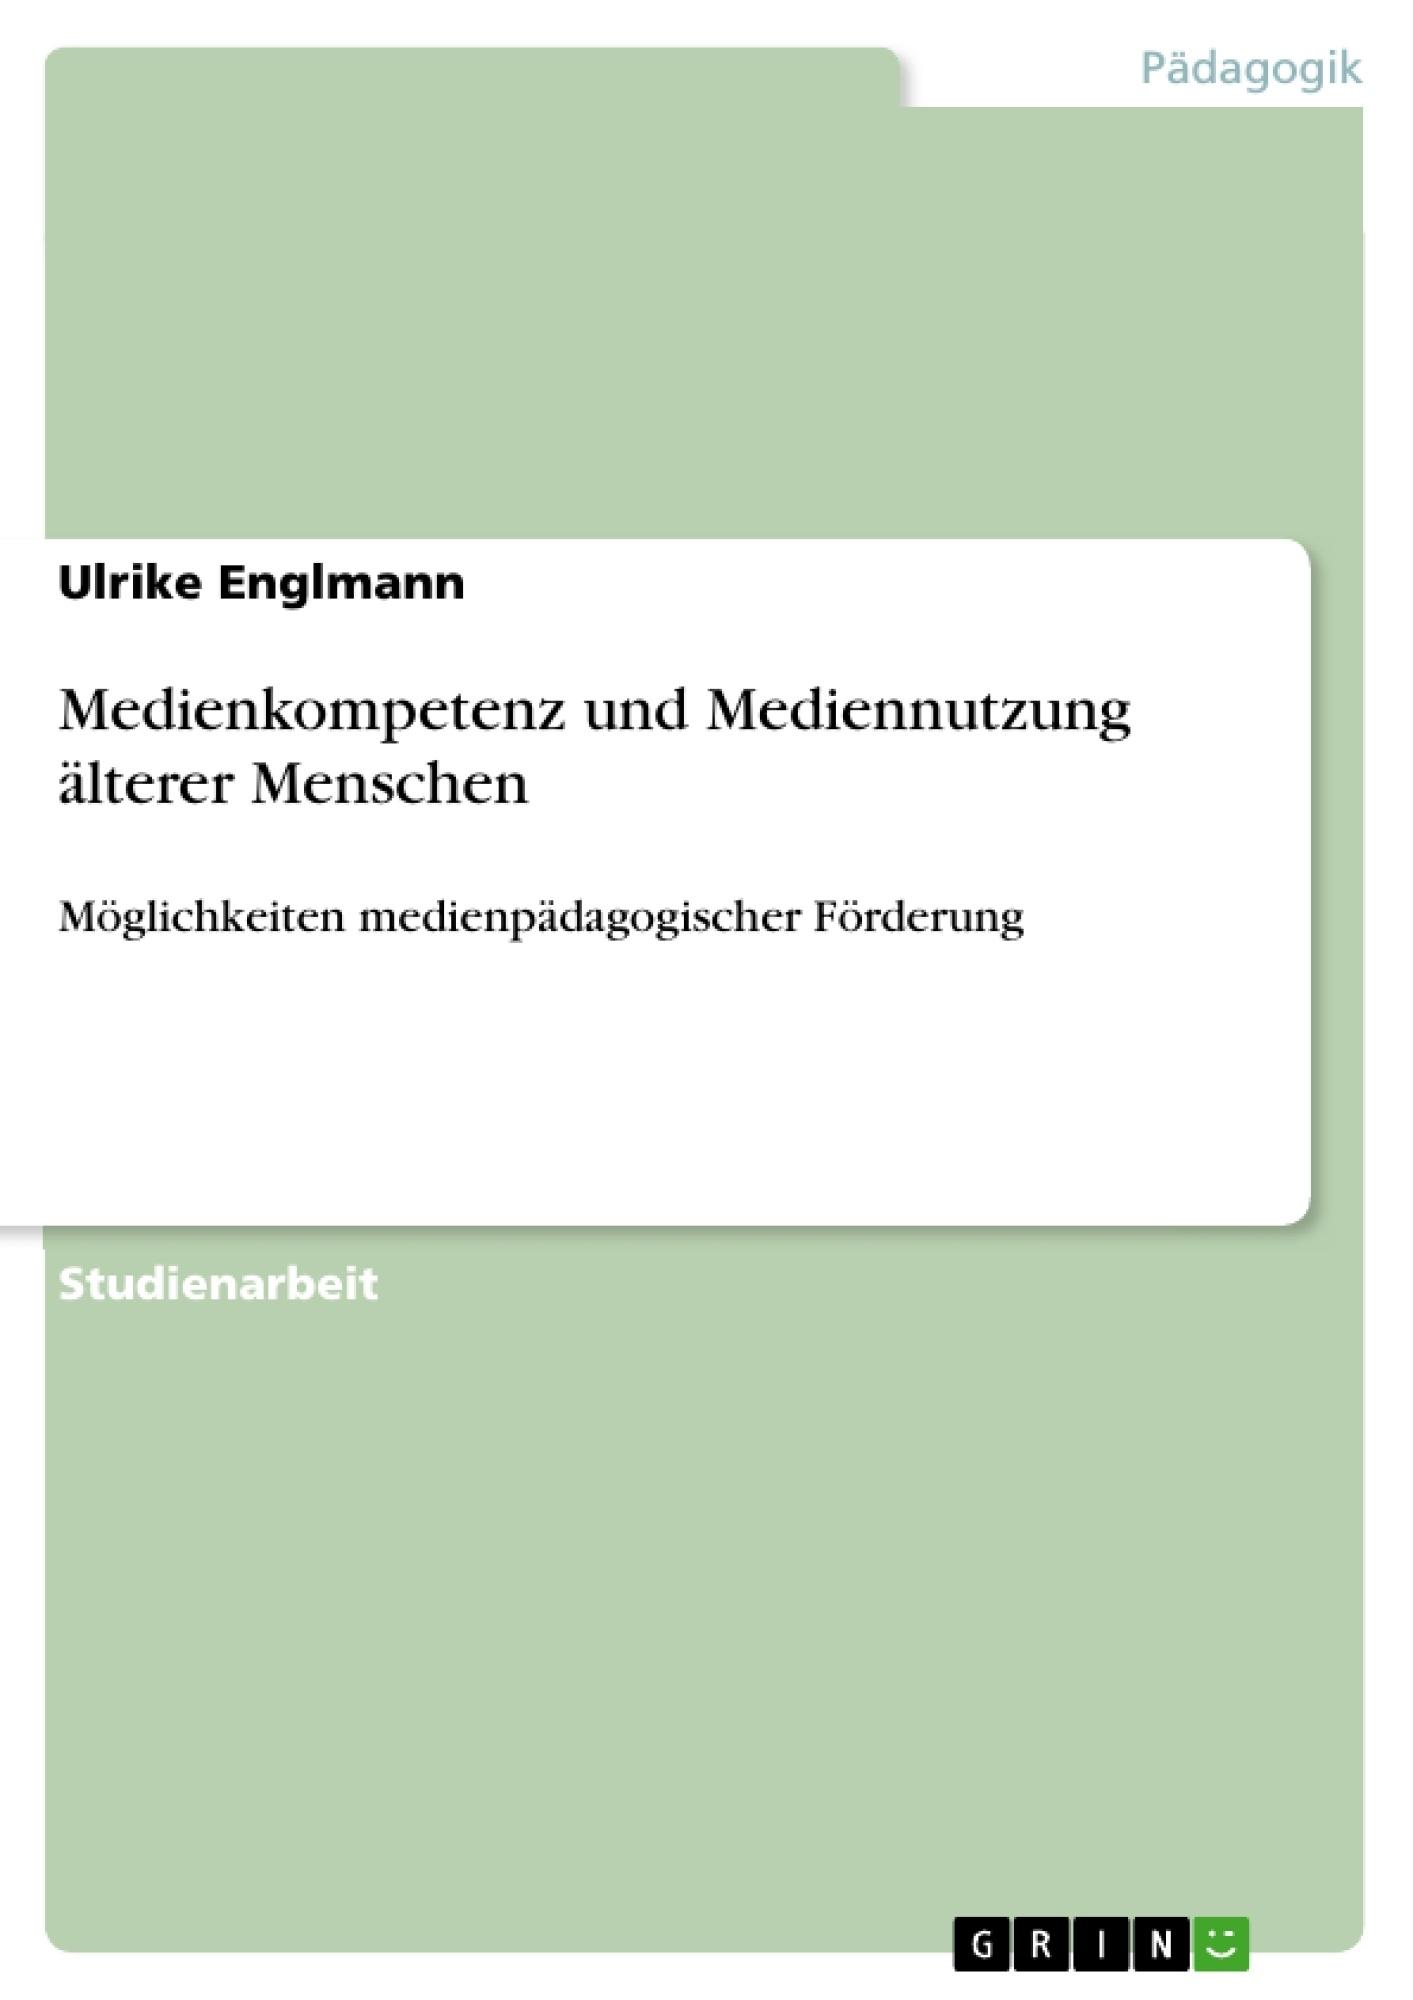 Titel: Medienkompetenz und Mediennutzung älterer Menschen